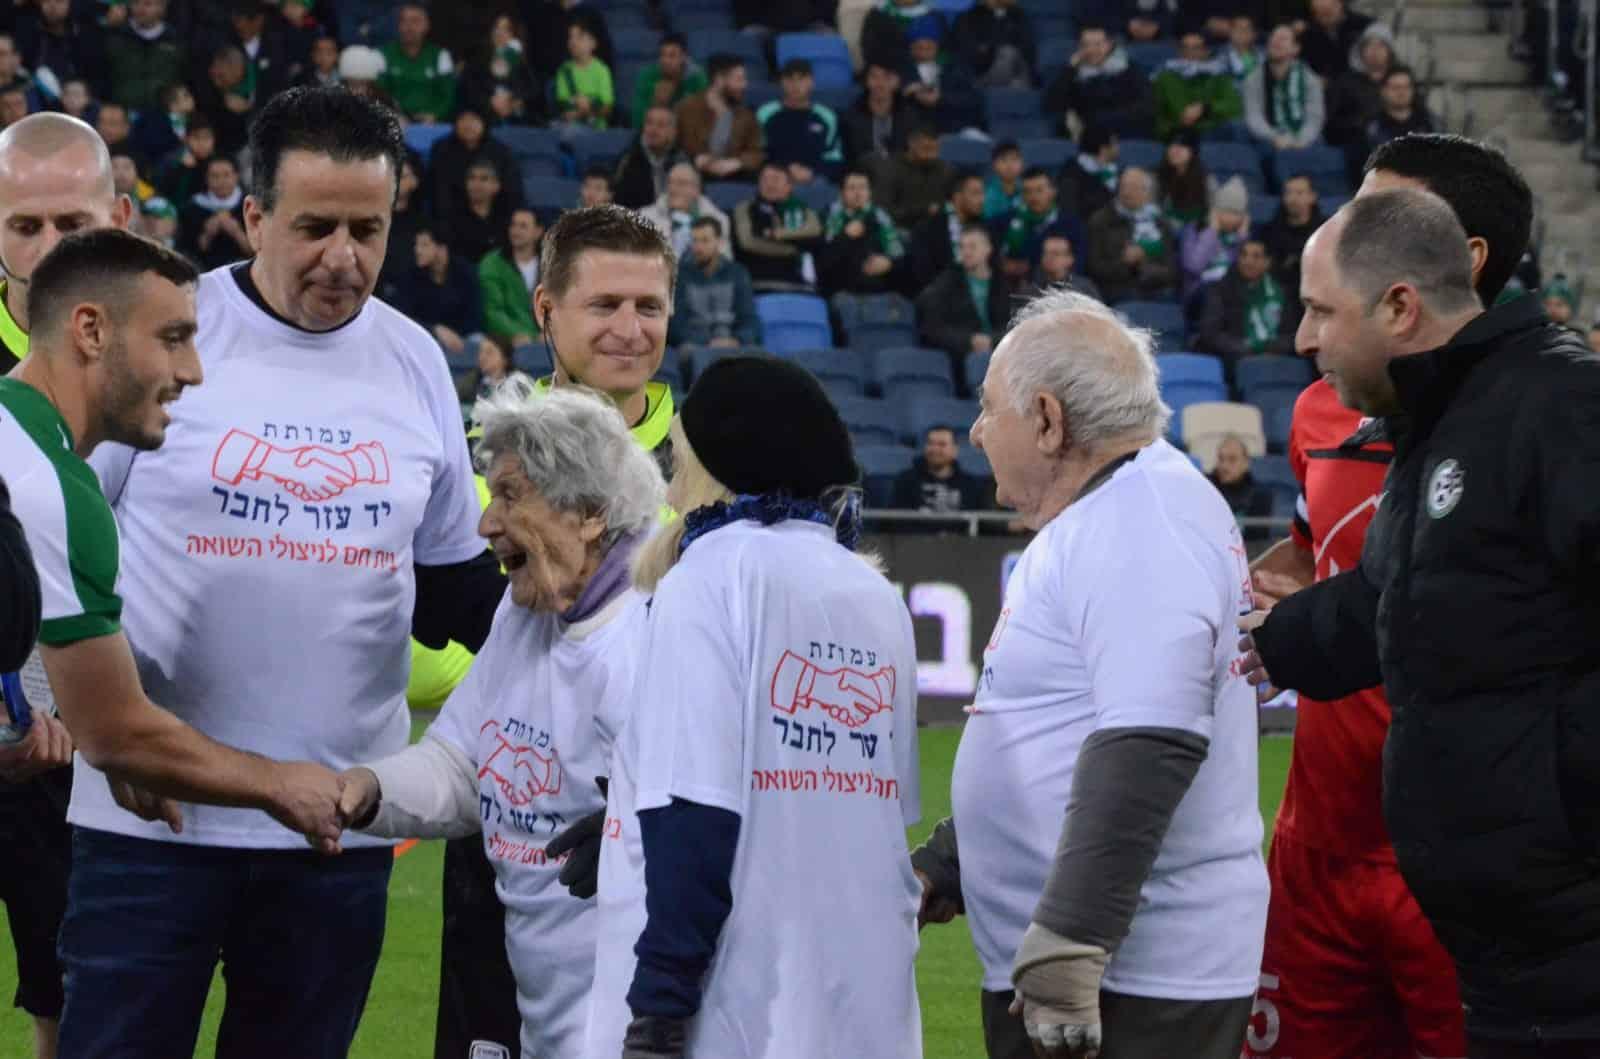 טקס בהשתתפות ניצולי שואה התקיים בתחילת המשחק של מכבי חיפה